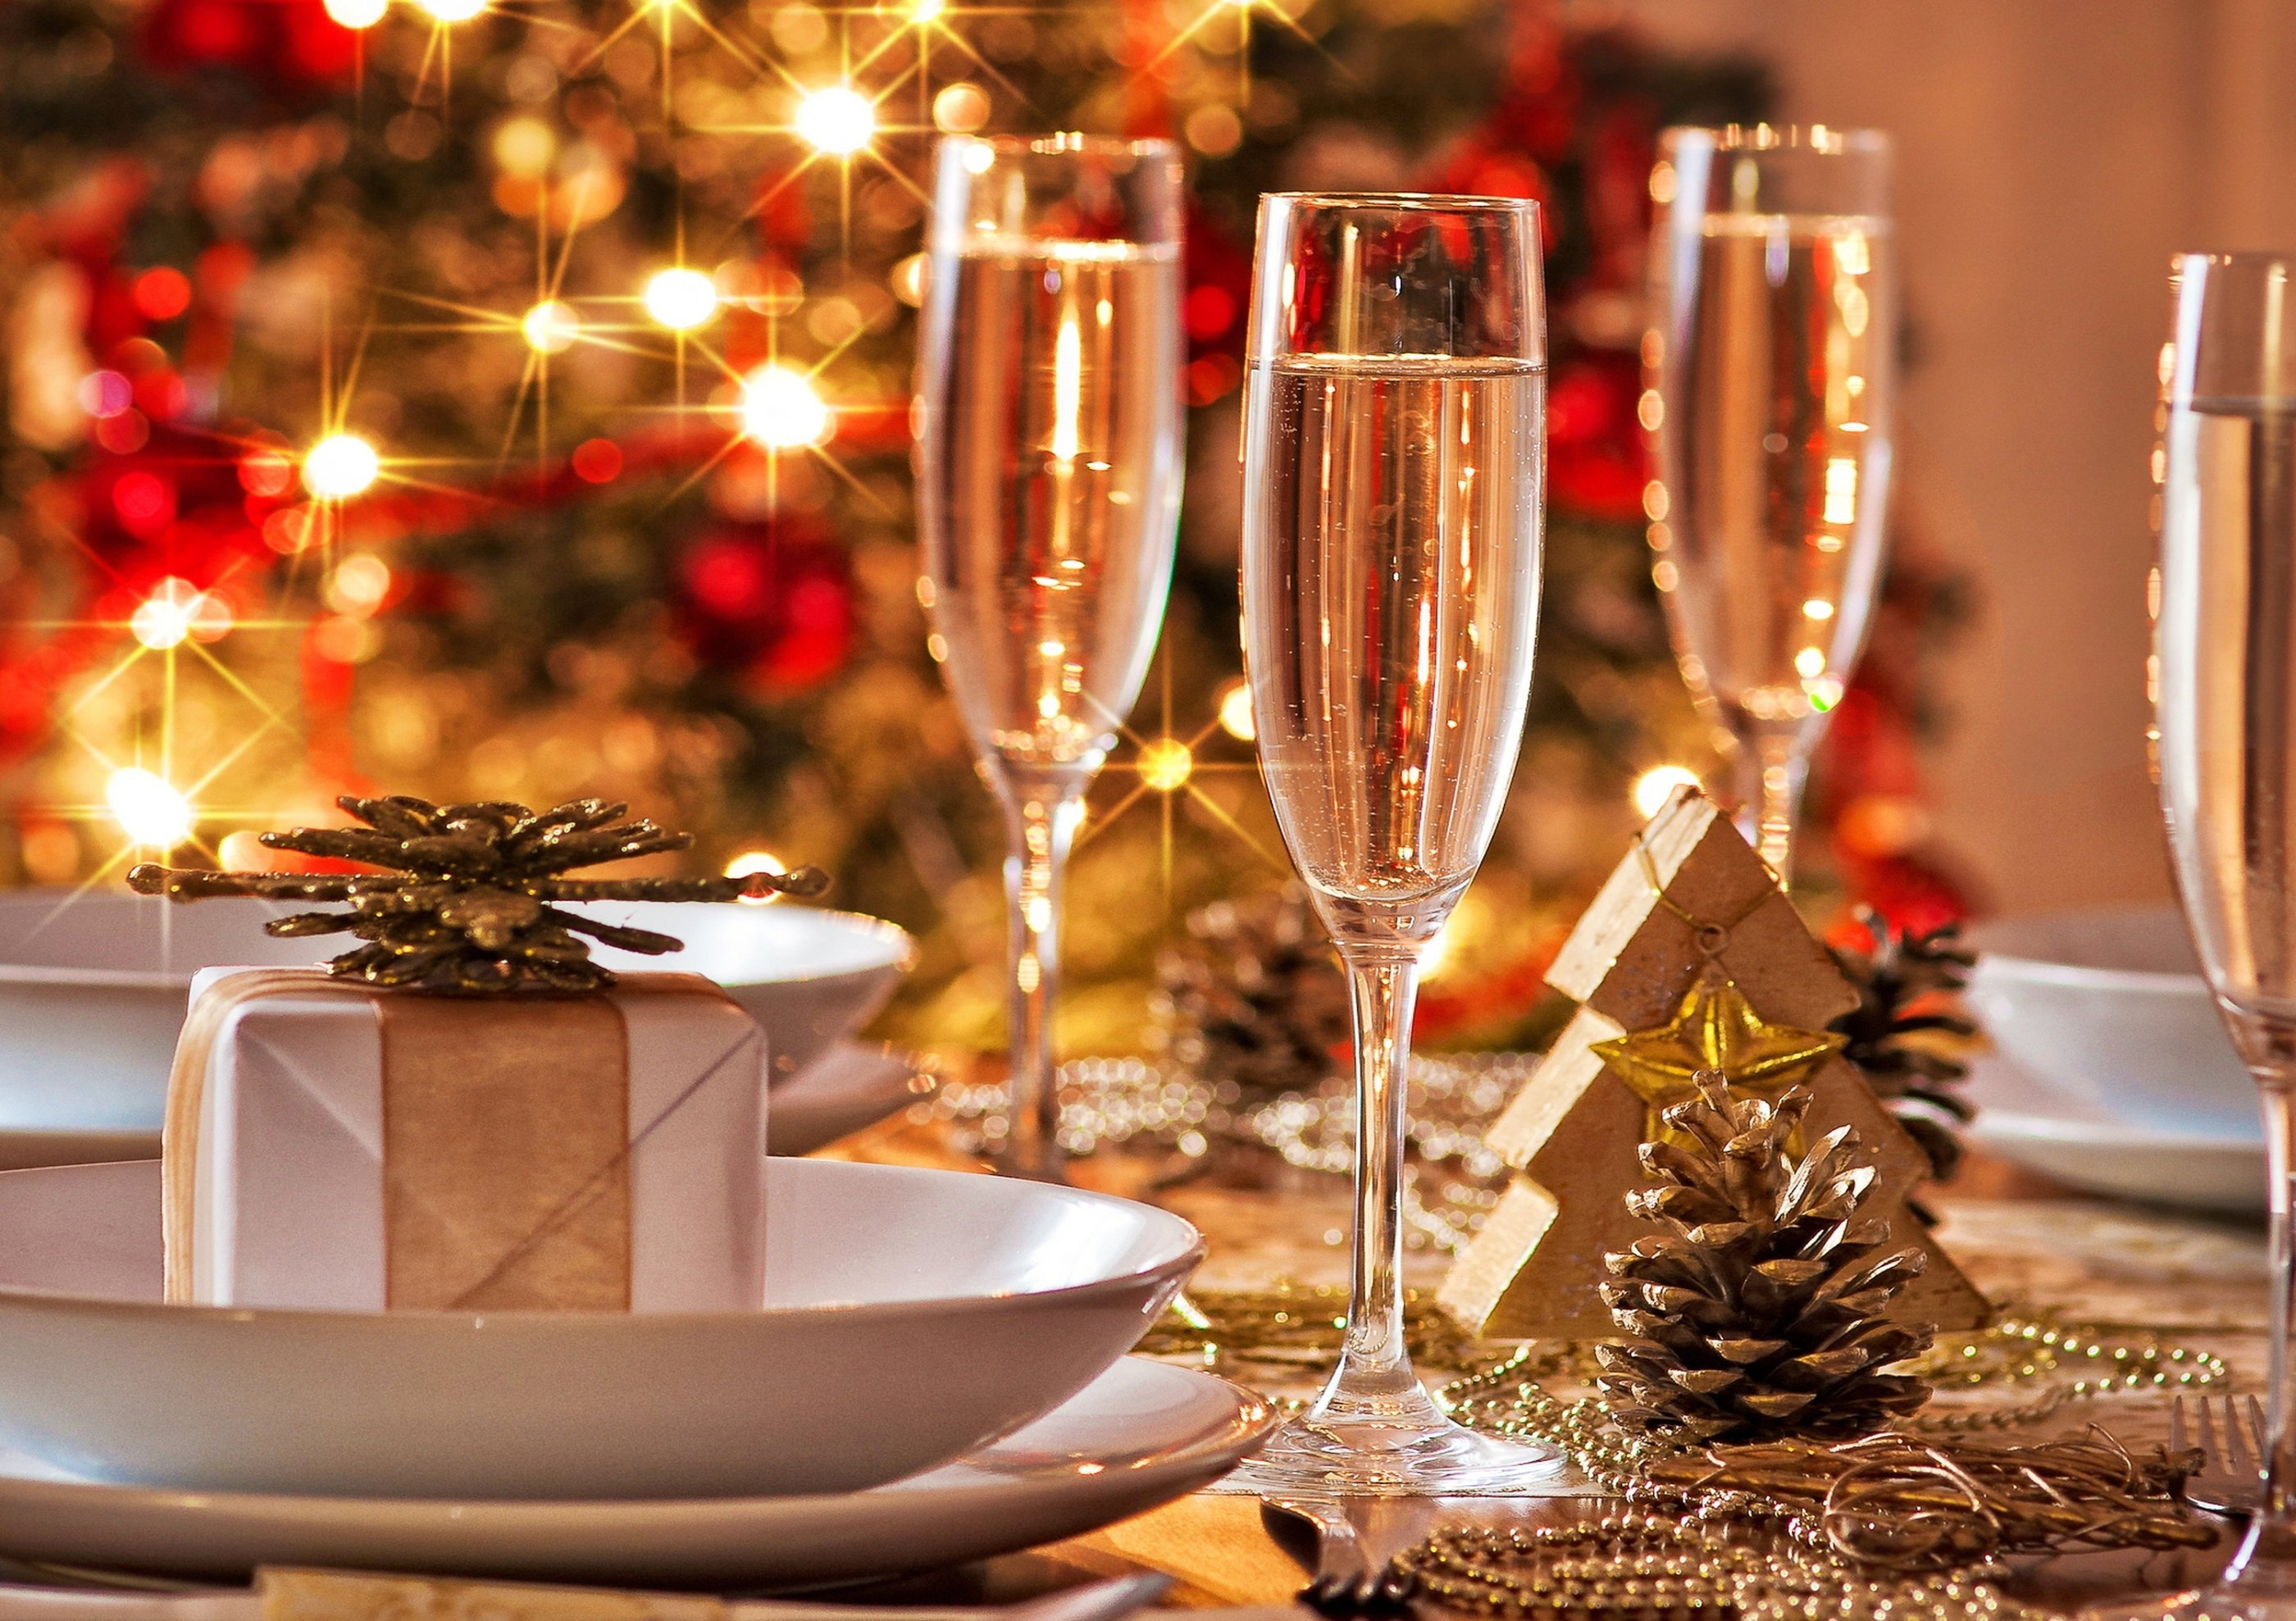 Допустимой порцией алкоголя наНовый год названа одна стопка непоколебимого напитка